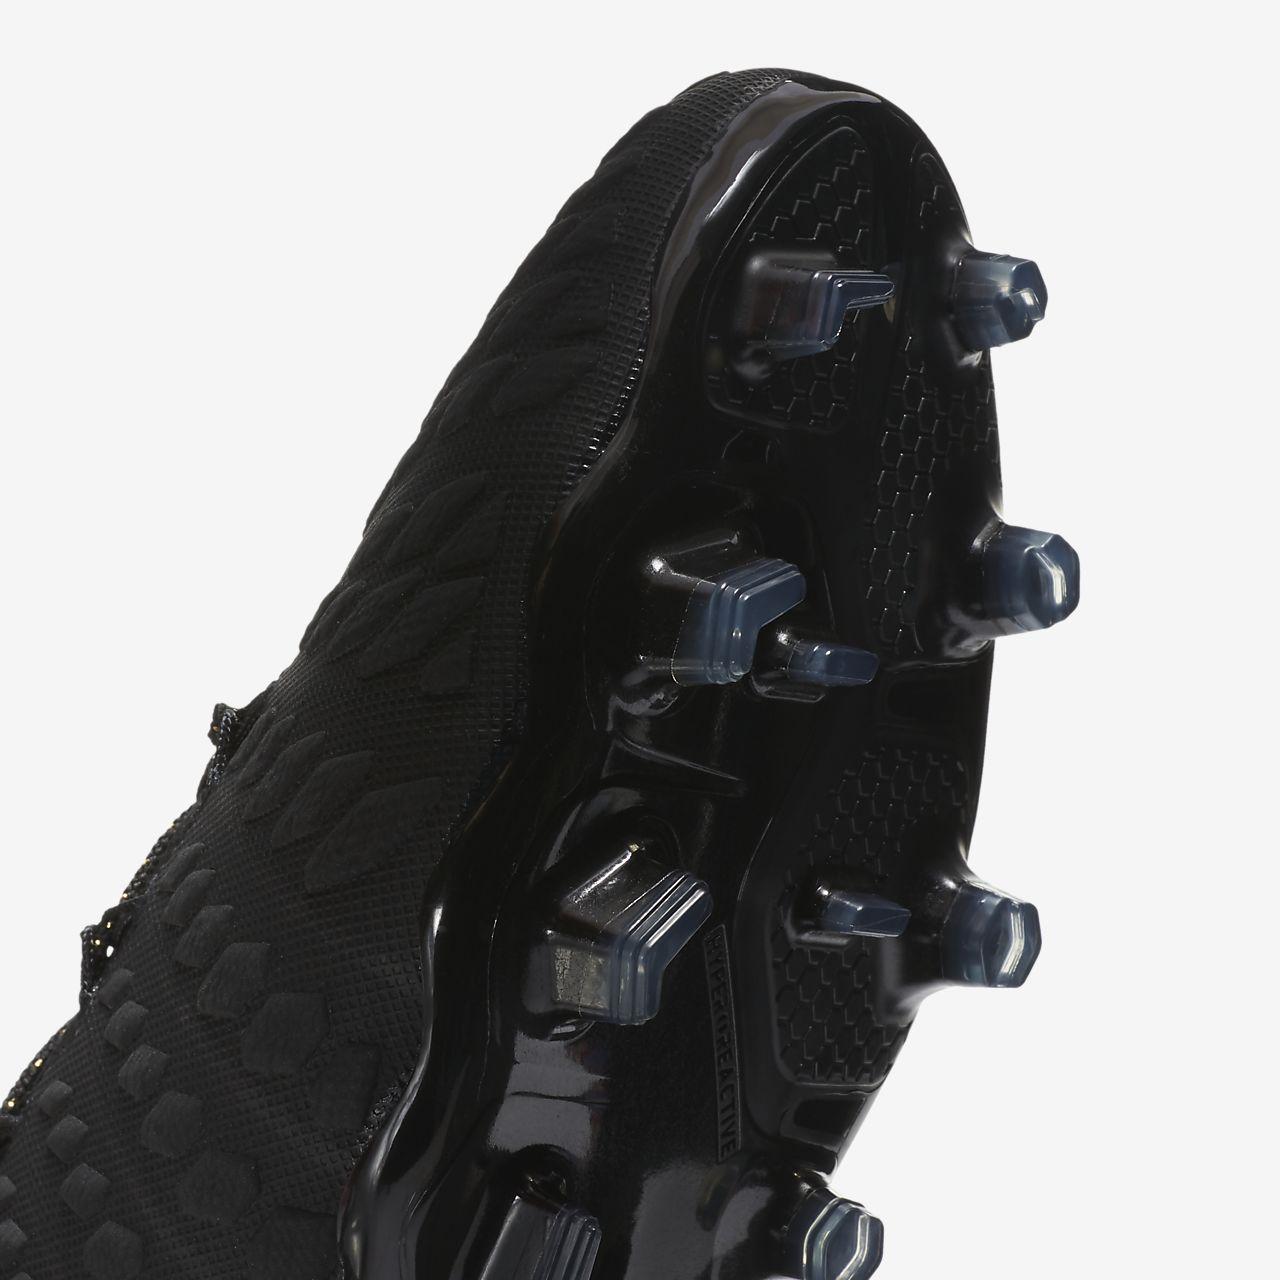 Nike Hypervenom III Elite Dynamic Fit Fußballschuh für normalen Rasen